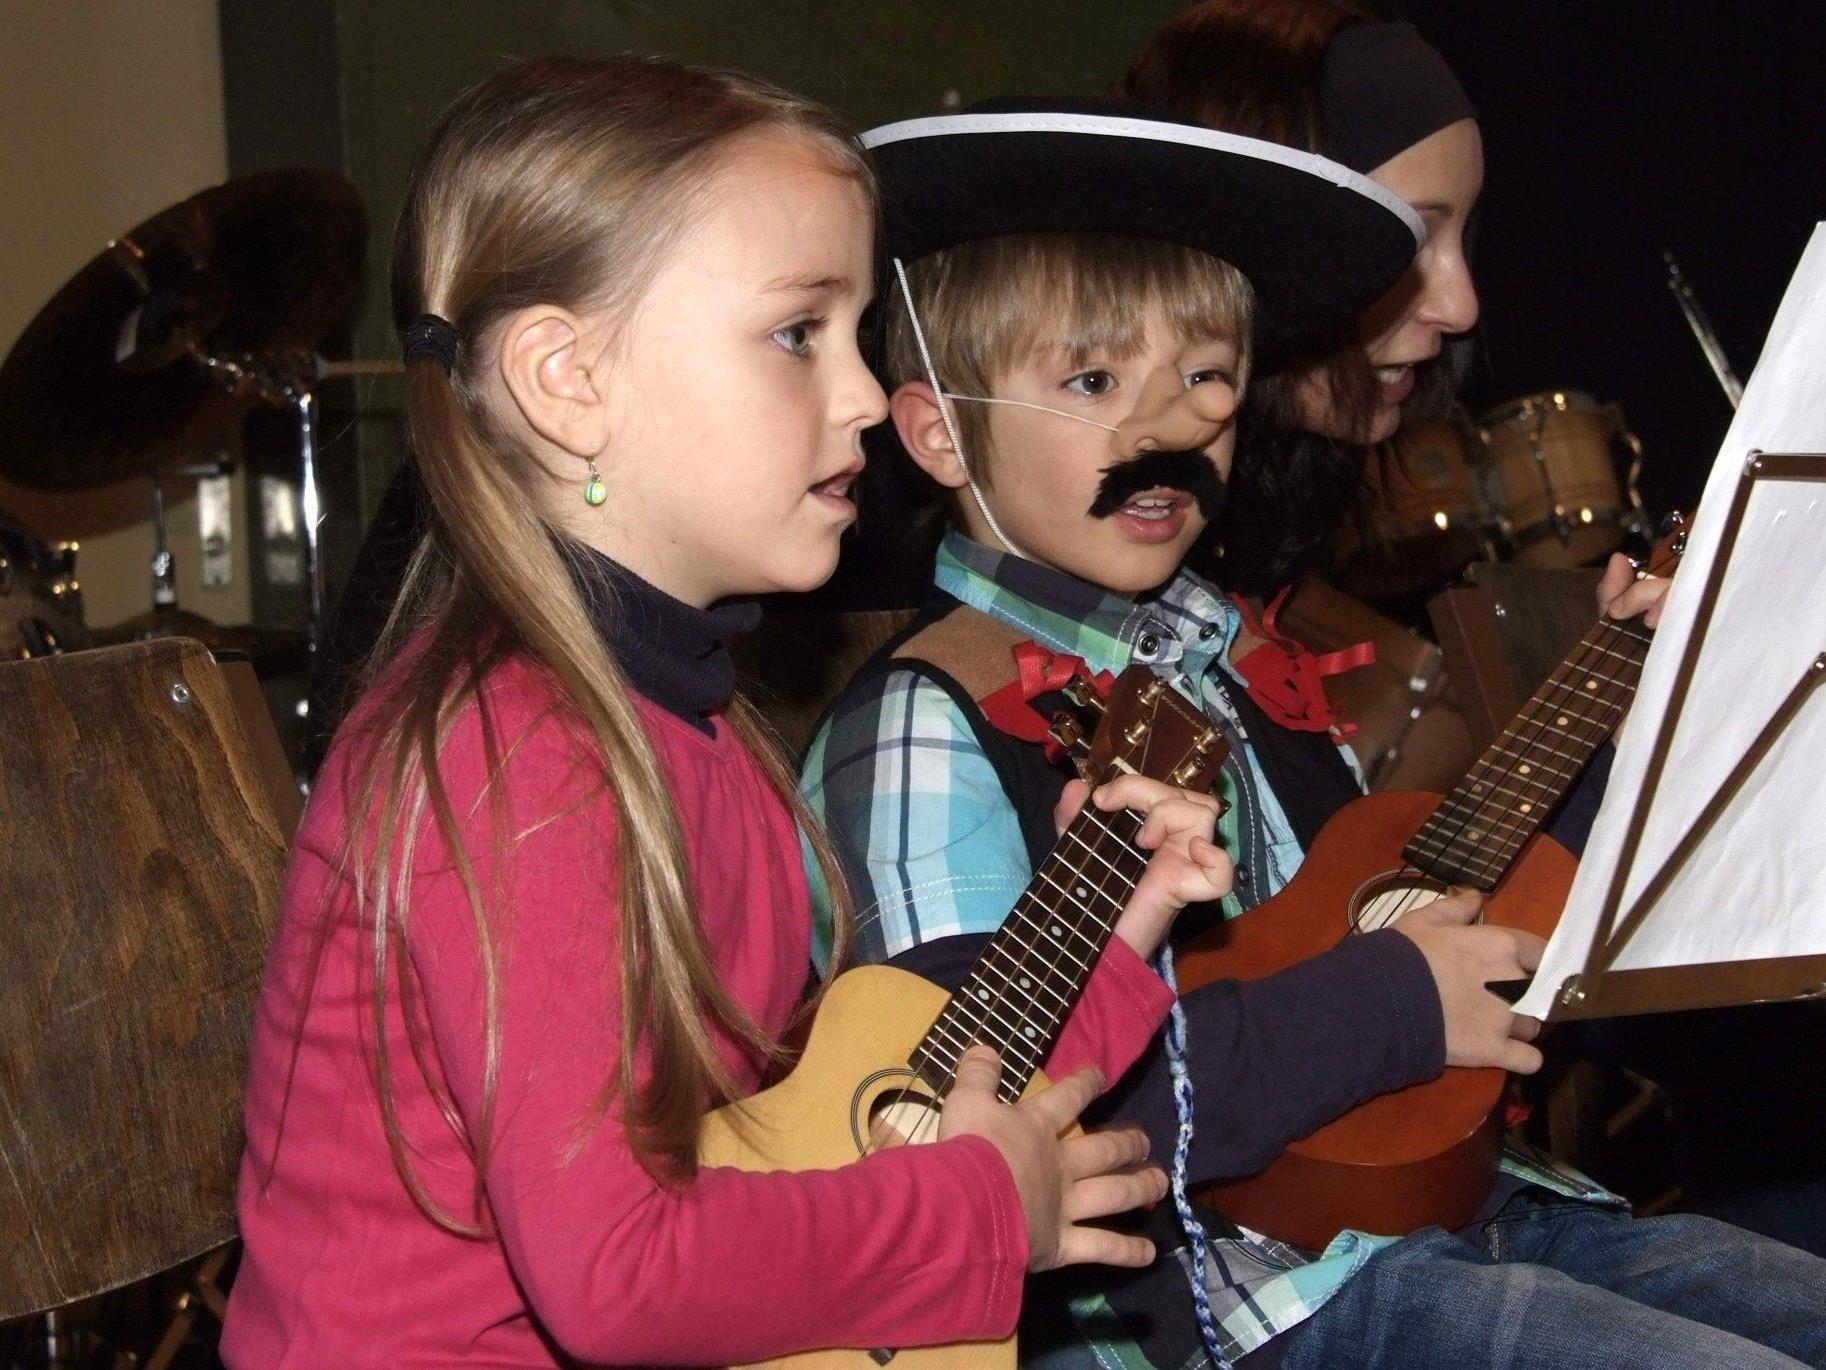 Singen und Spielen gleichzeitig ist für die kleinen Ukulele-Künstler kein Problem.